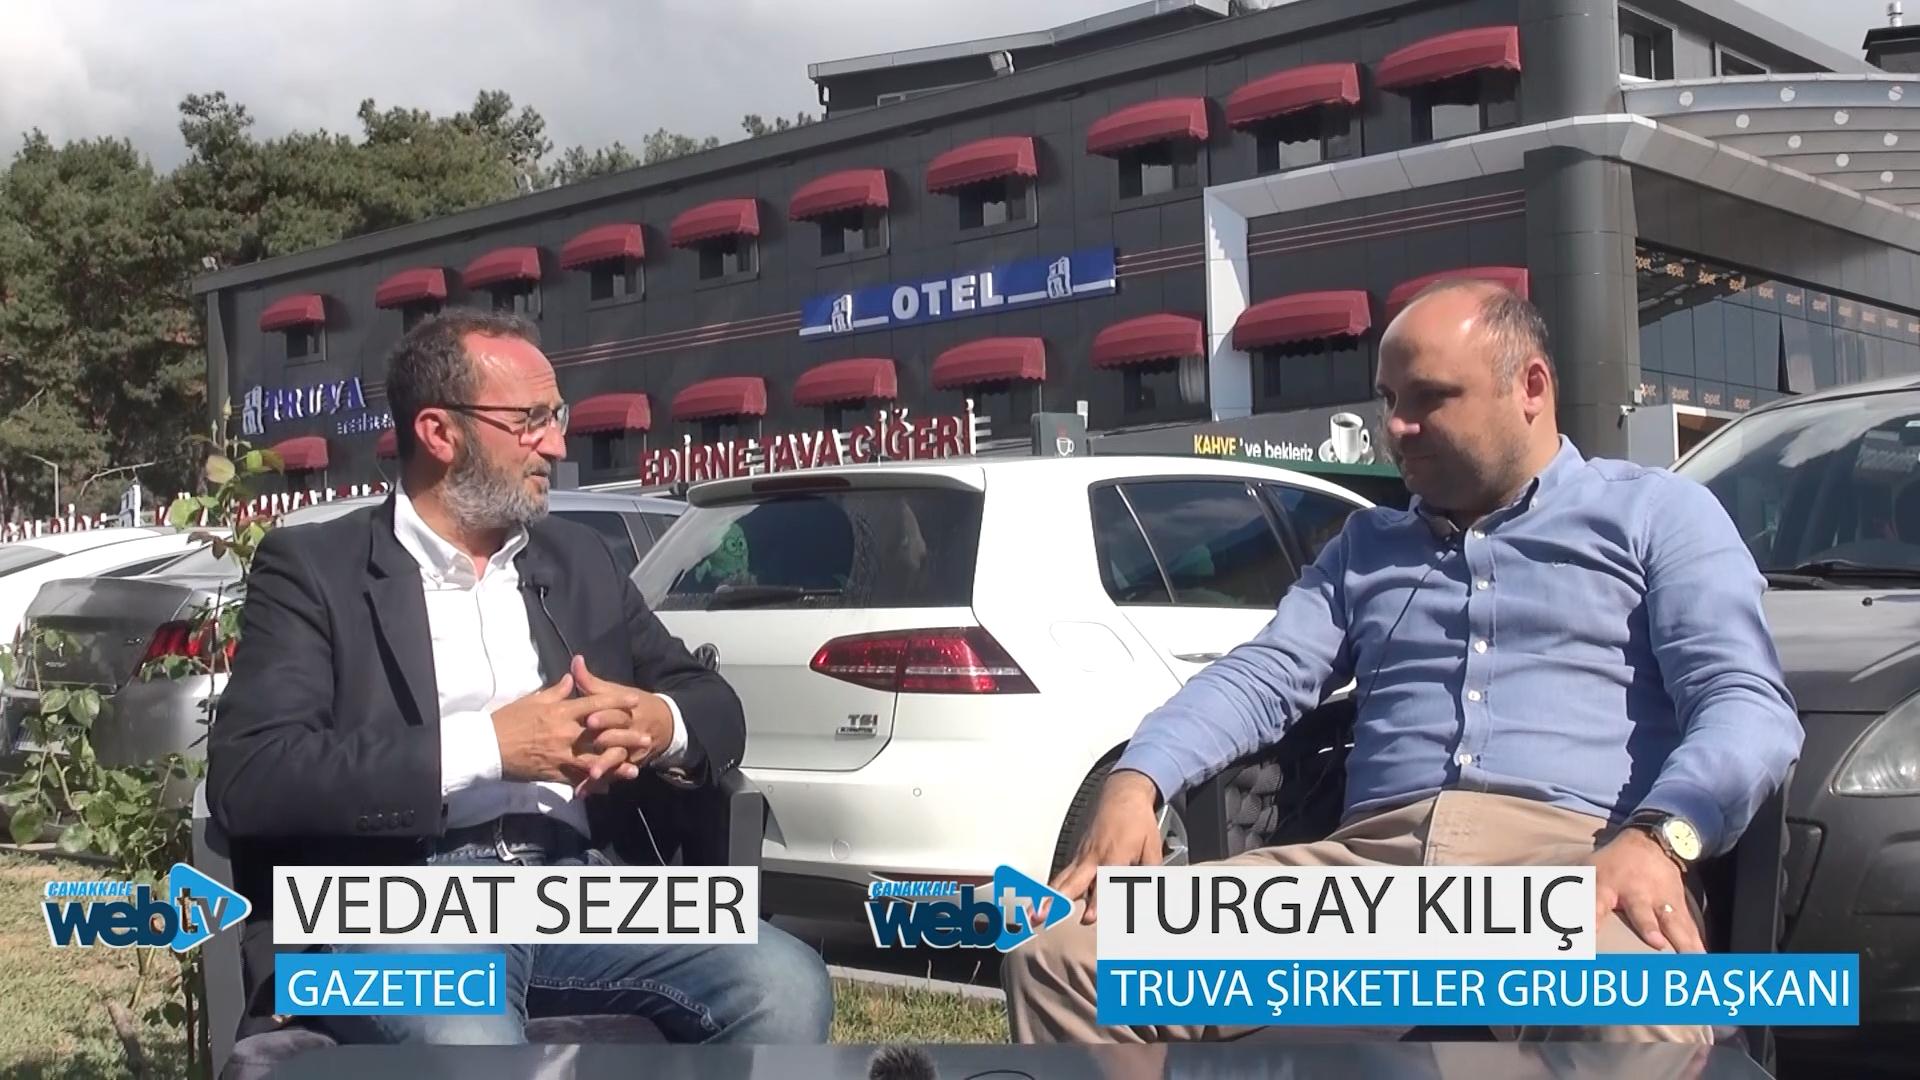 Bakış Açısı programının konuğu Turgay Kılıç